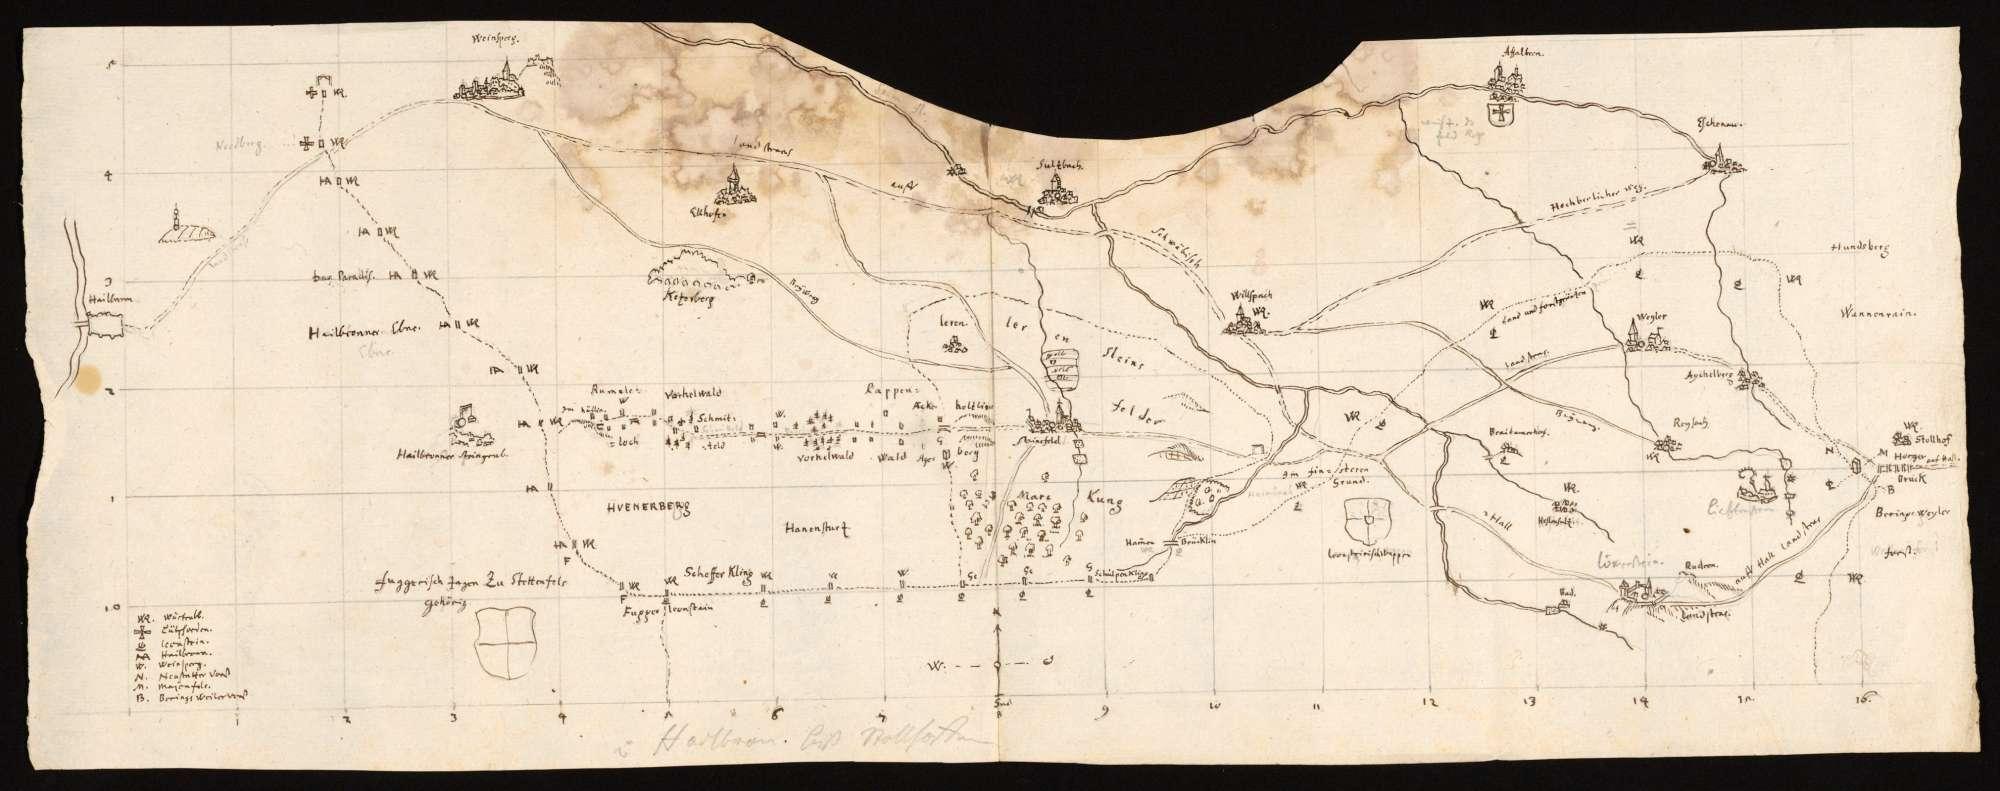 """[Karte des Weinsberger Tales von Heilbronn bis zum Stollenhof mit Angabe der Forst- und Herrschaftsgrenzen] """"v. Heilbronn biß Stollhoffen"""" [alter Titel], Bild 1"""